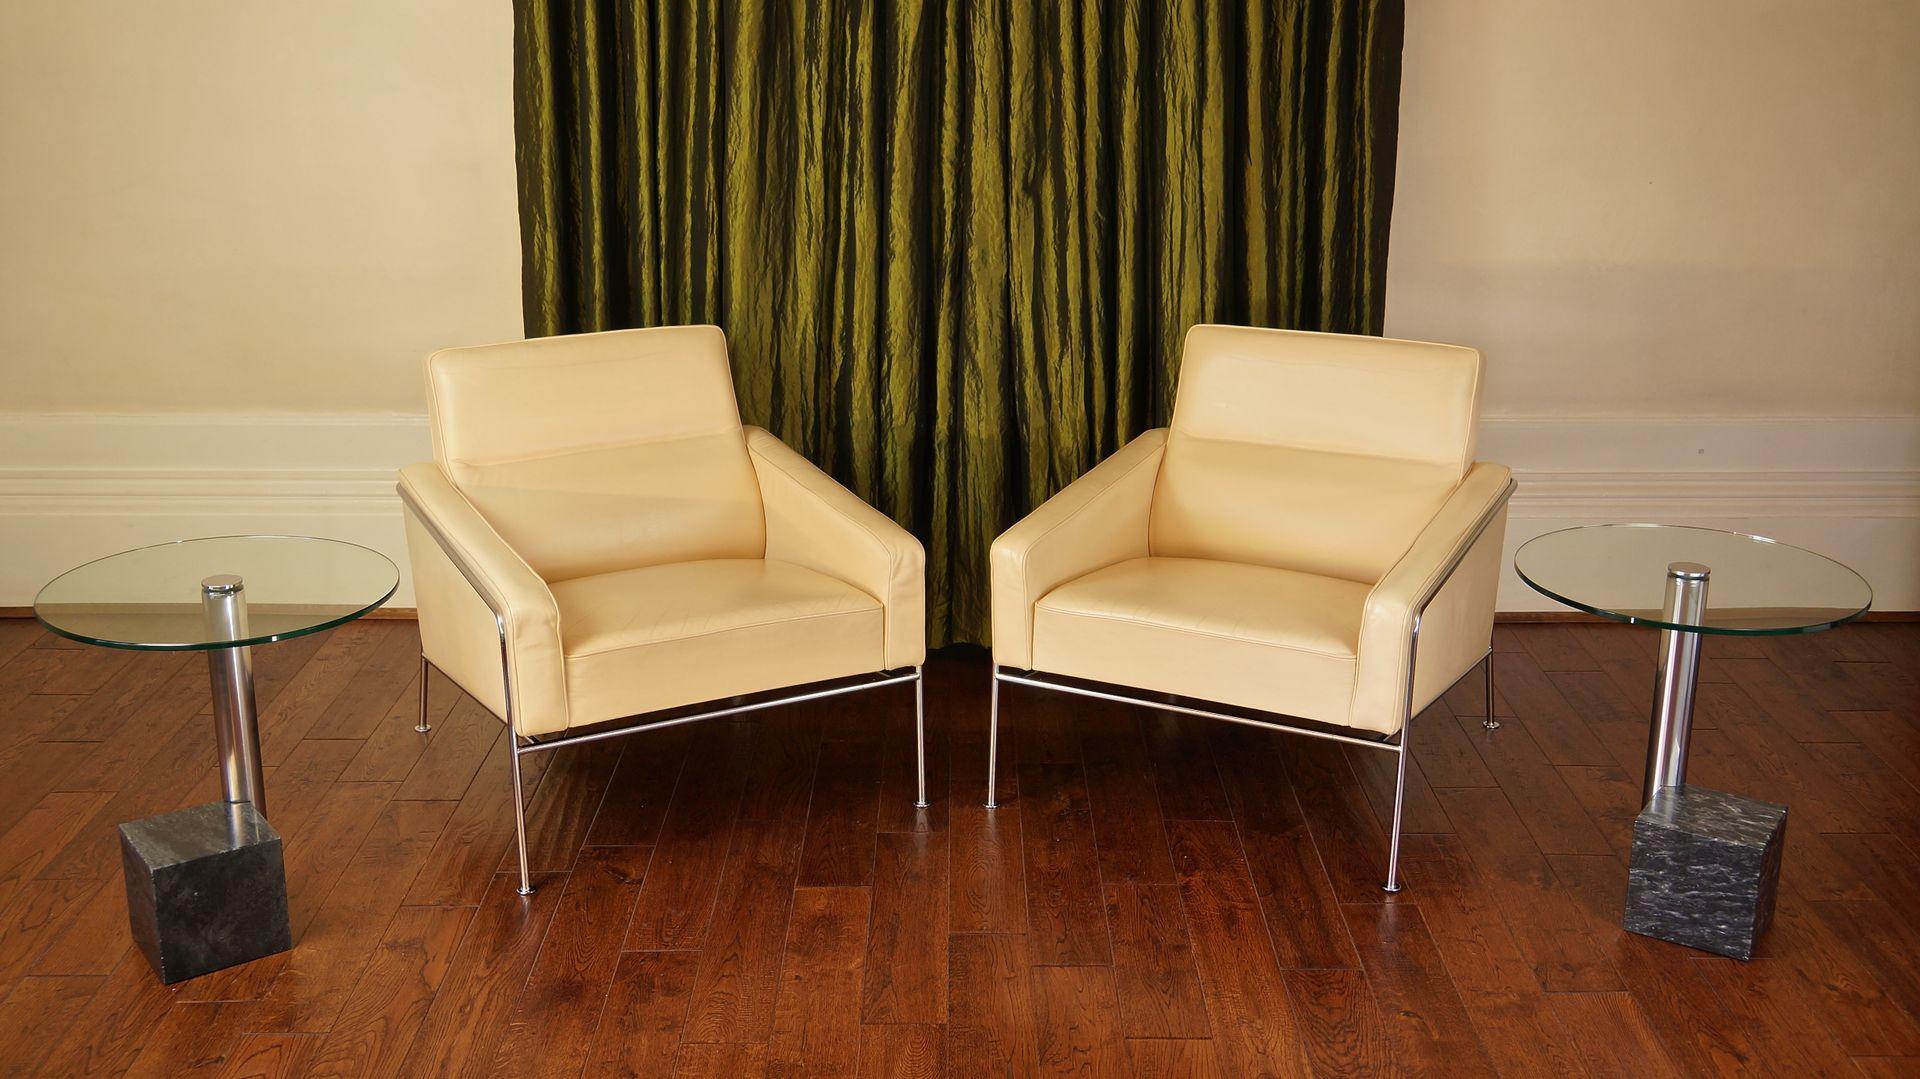 tables d 39 appoint en marbre et verre par hank kwint pour metaform 1980s set de 2 en vente sur. Black Bedroom Furniture Sets. Home Design Ideas